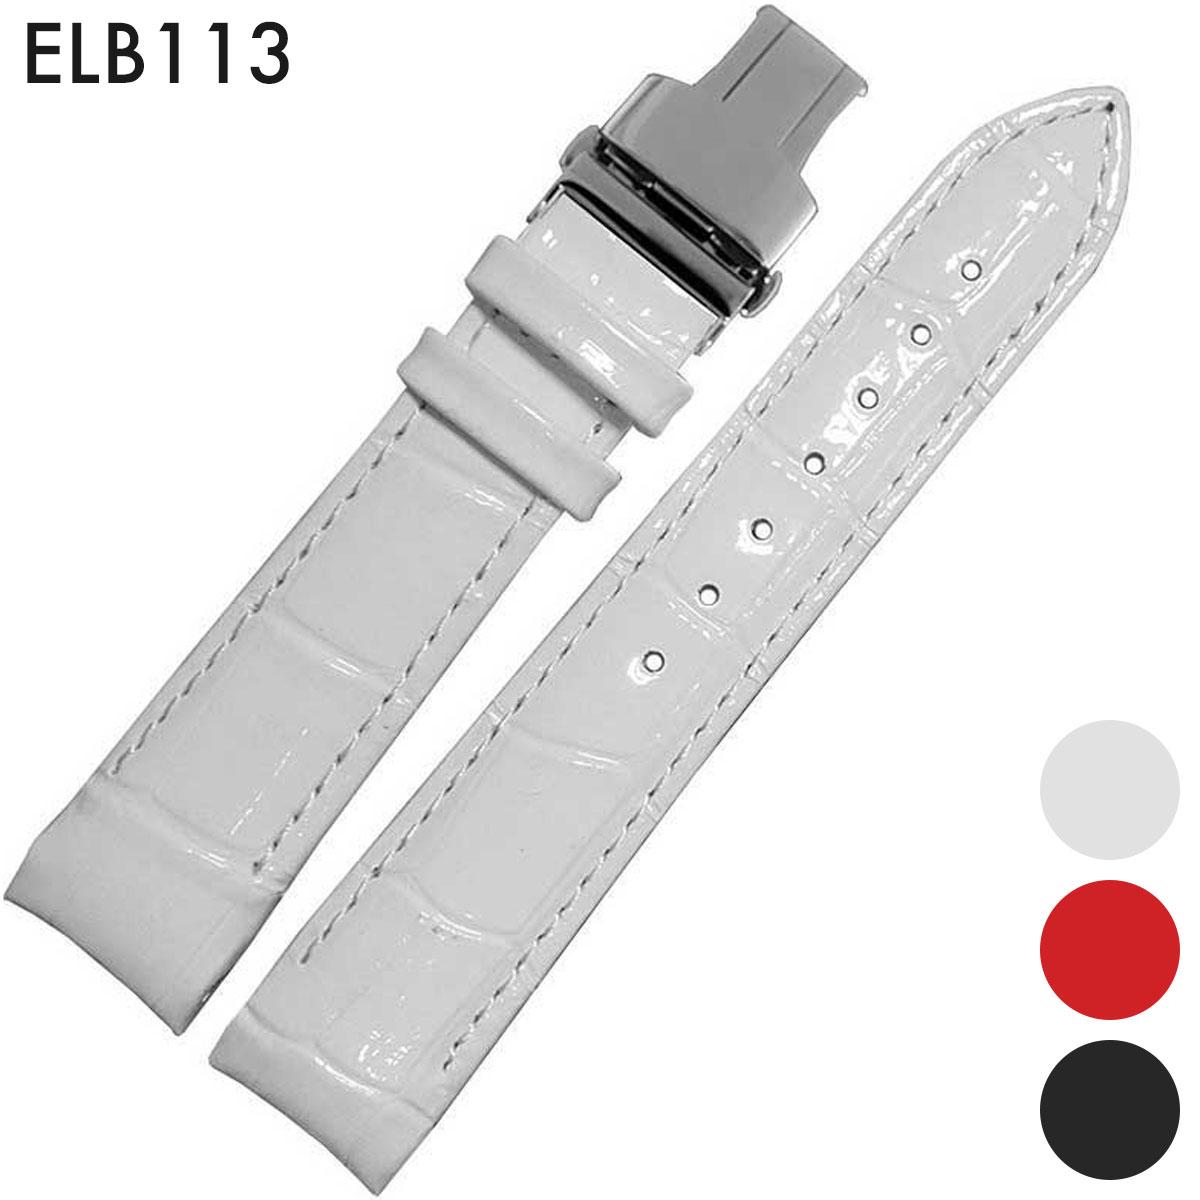 腕時計用アクセサリー, 腕時計用ベルト・バンド  18mm : TISSOT T035.210.16.051.00011371207 ()D Eight - ELB113